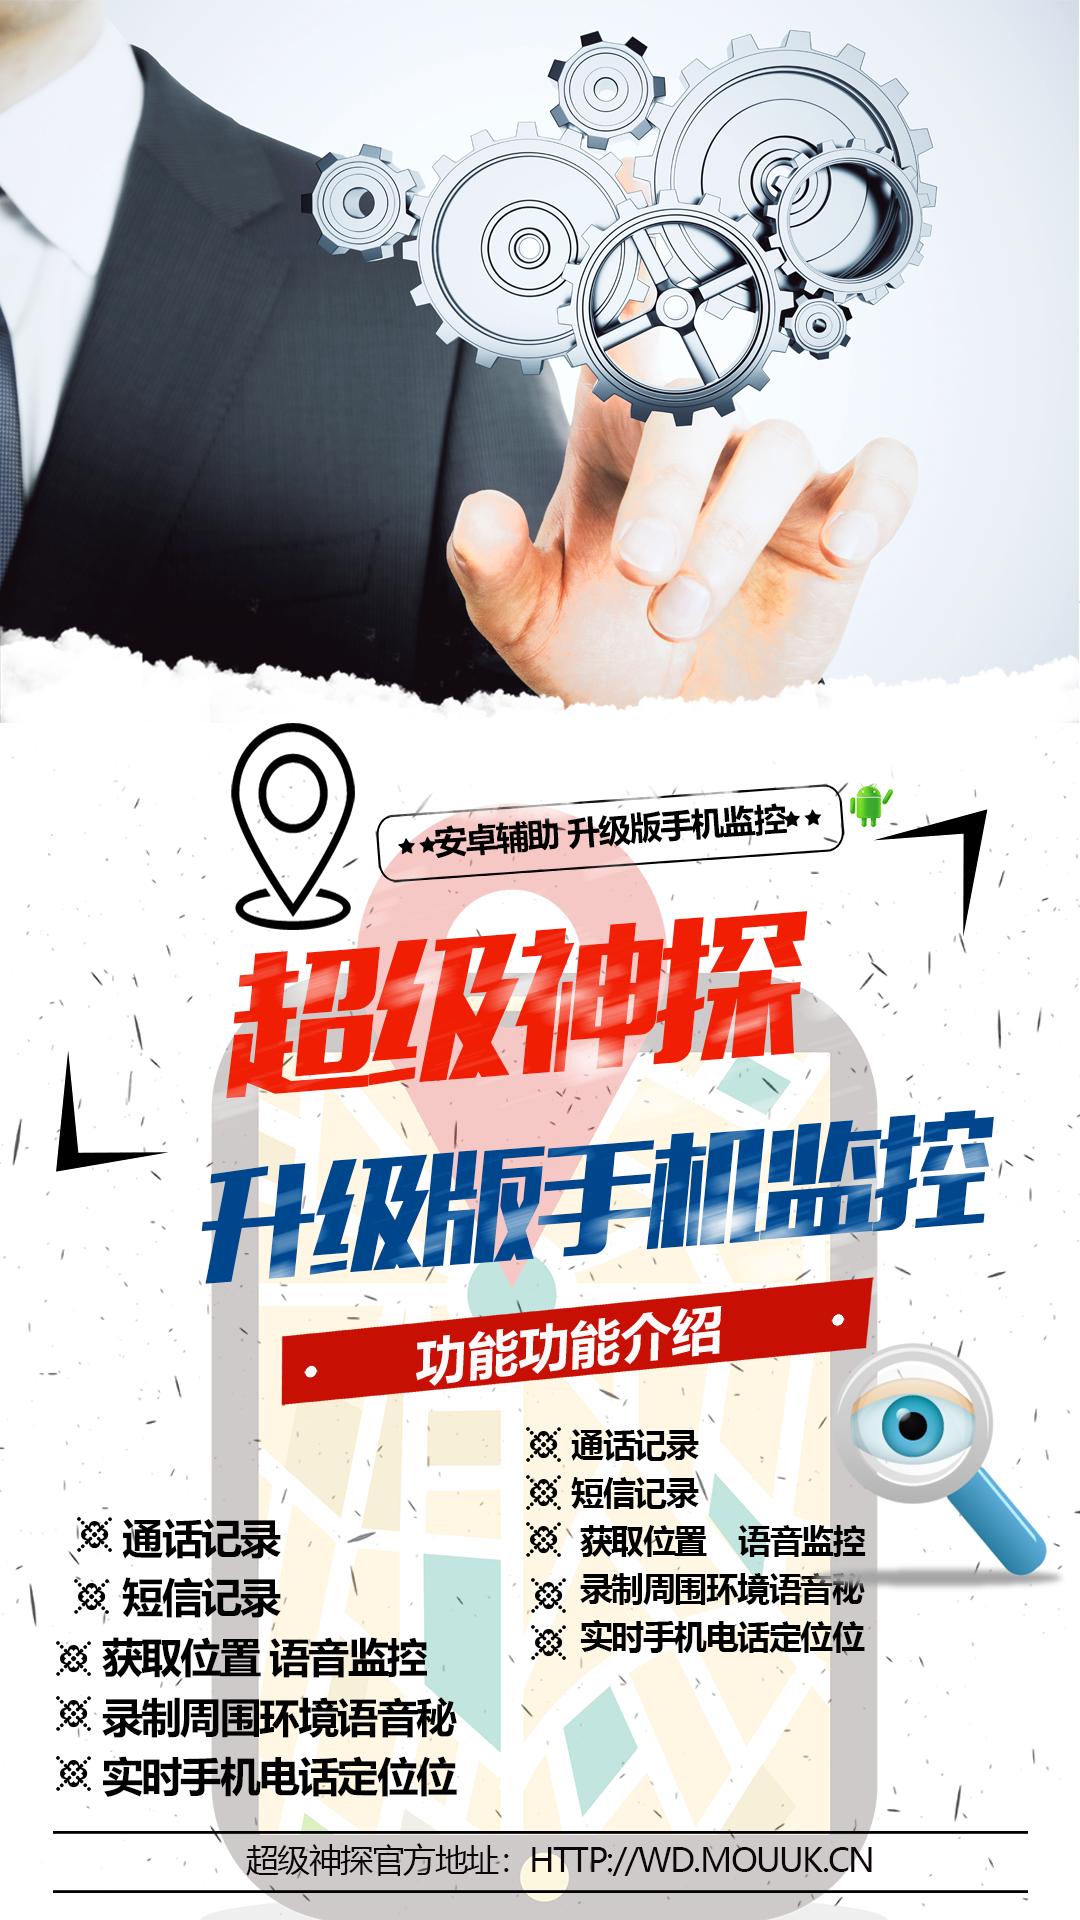 【超级神探激活码】安卓手机监控 语音监控 电话定位 短信监控 通话监控 年卡